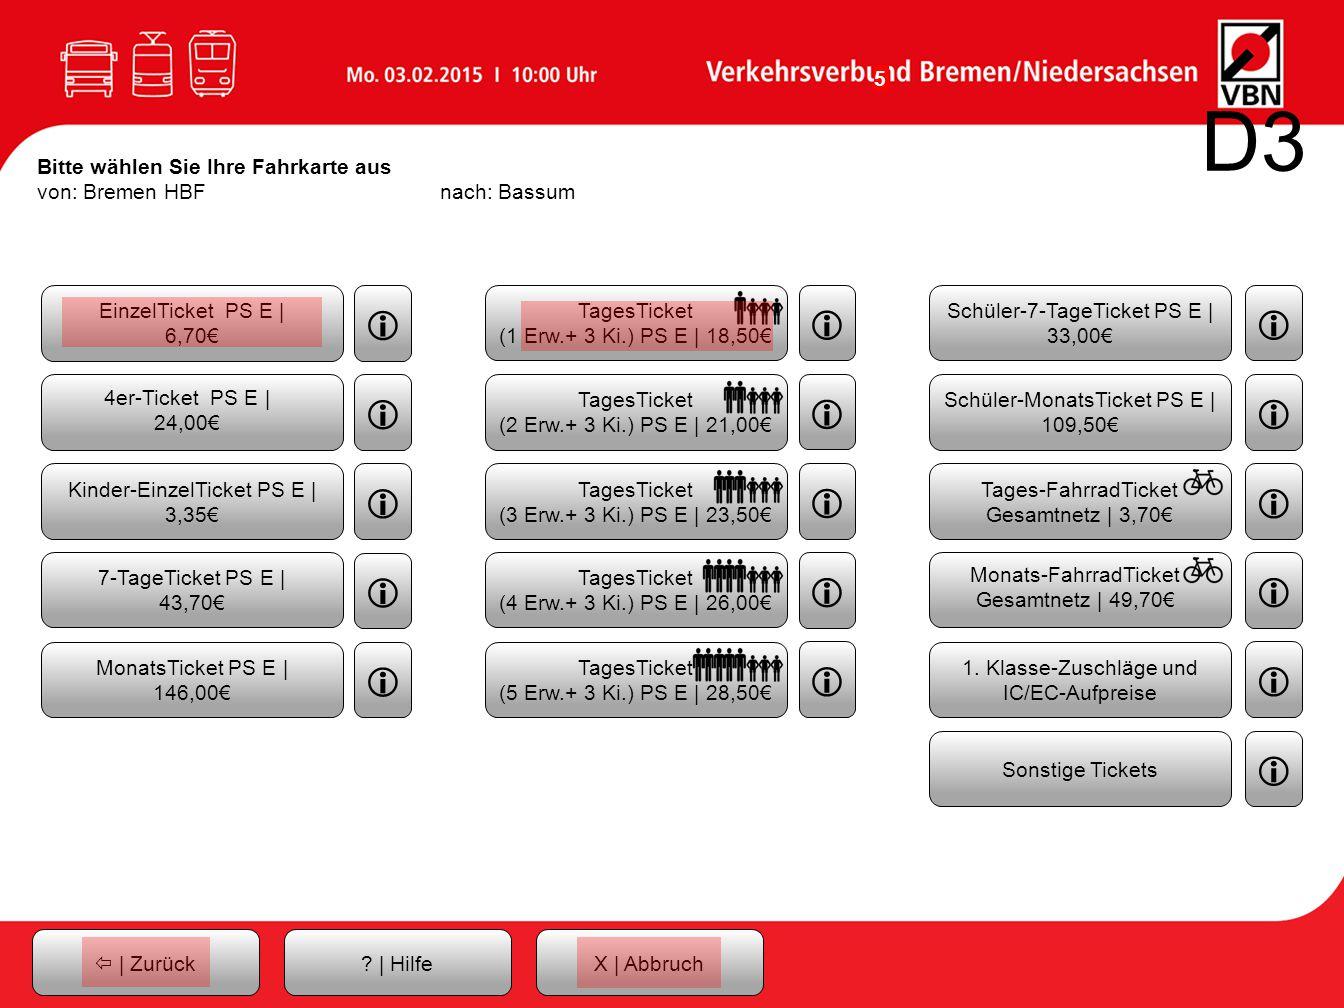 D3 Bitte wählen Sie Ihre Fahrkarte aus von: Bremen HBF nach: Bassum. EinzelTicket PS E | 6,70€ i.